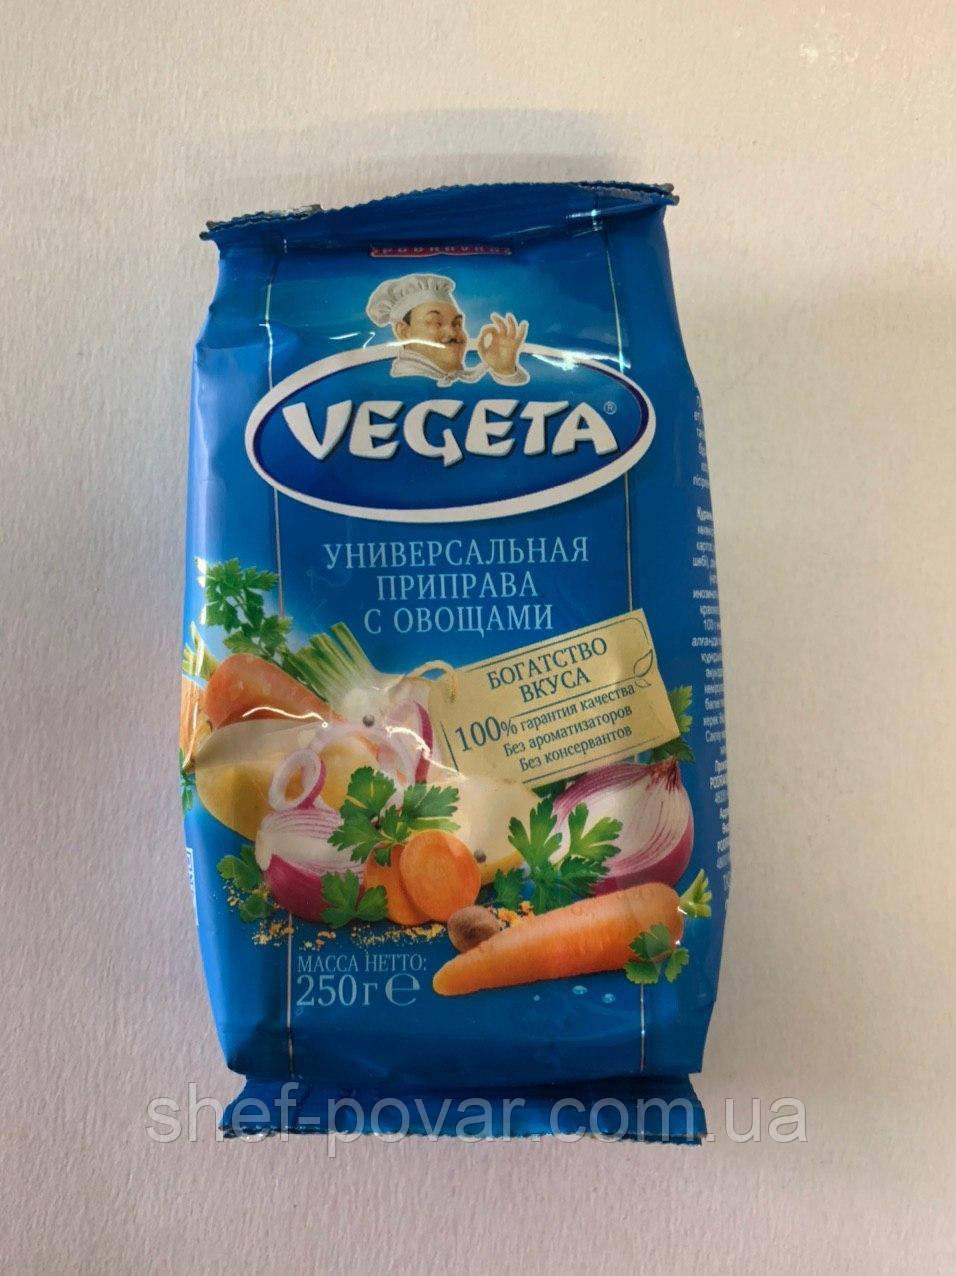 Приправа з овочами Vegeta 250г